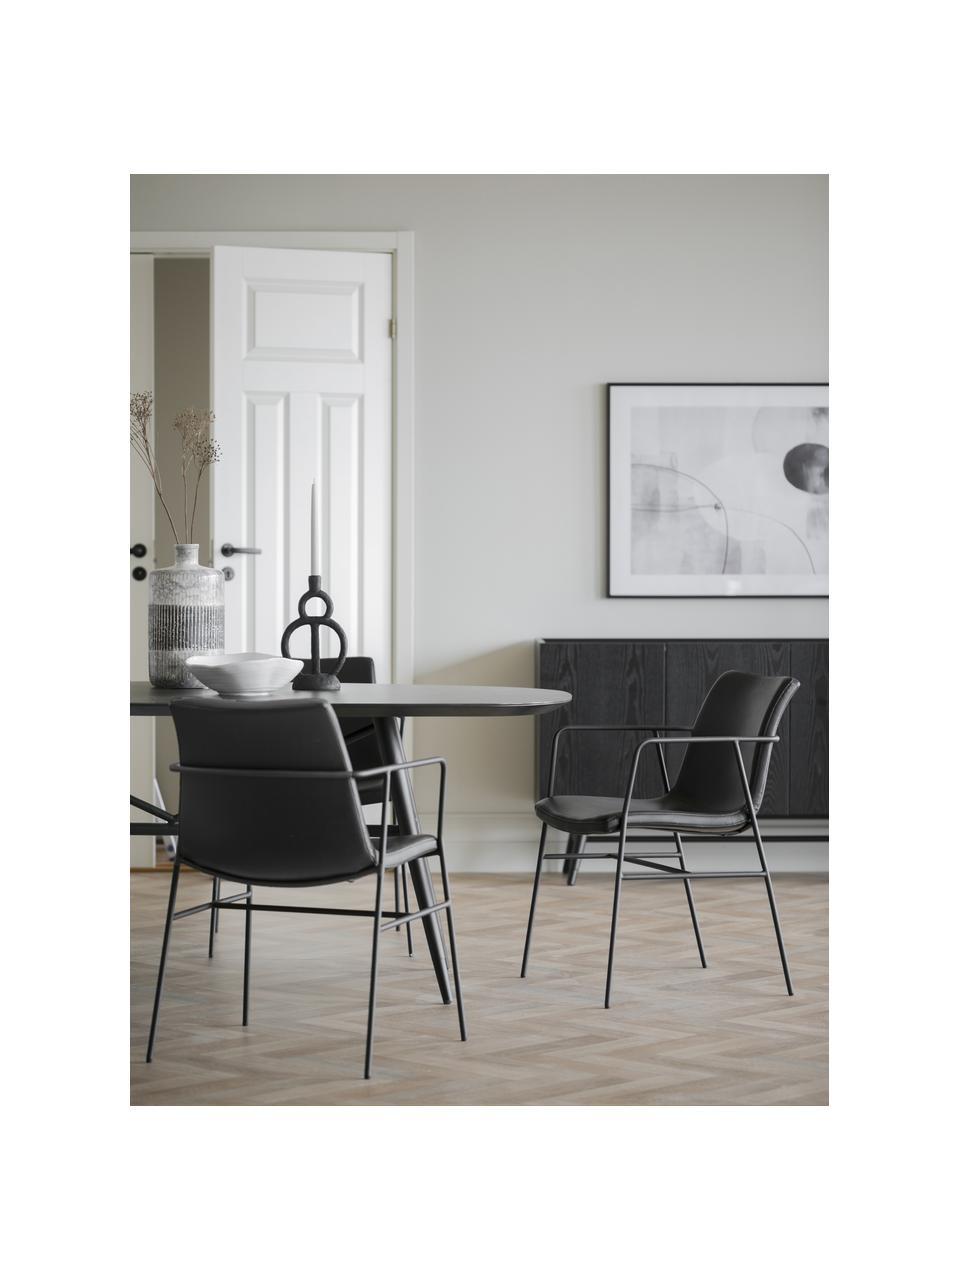 Tavolo effetto marmo Springdale, 200 x 98 cm, Gambe: metallo verniciato a polv, Nero, Larg. 200 x Prof. 98 cm